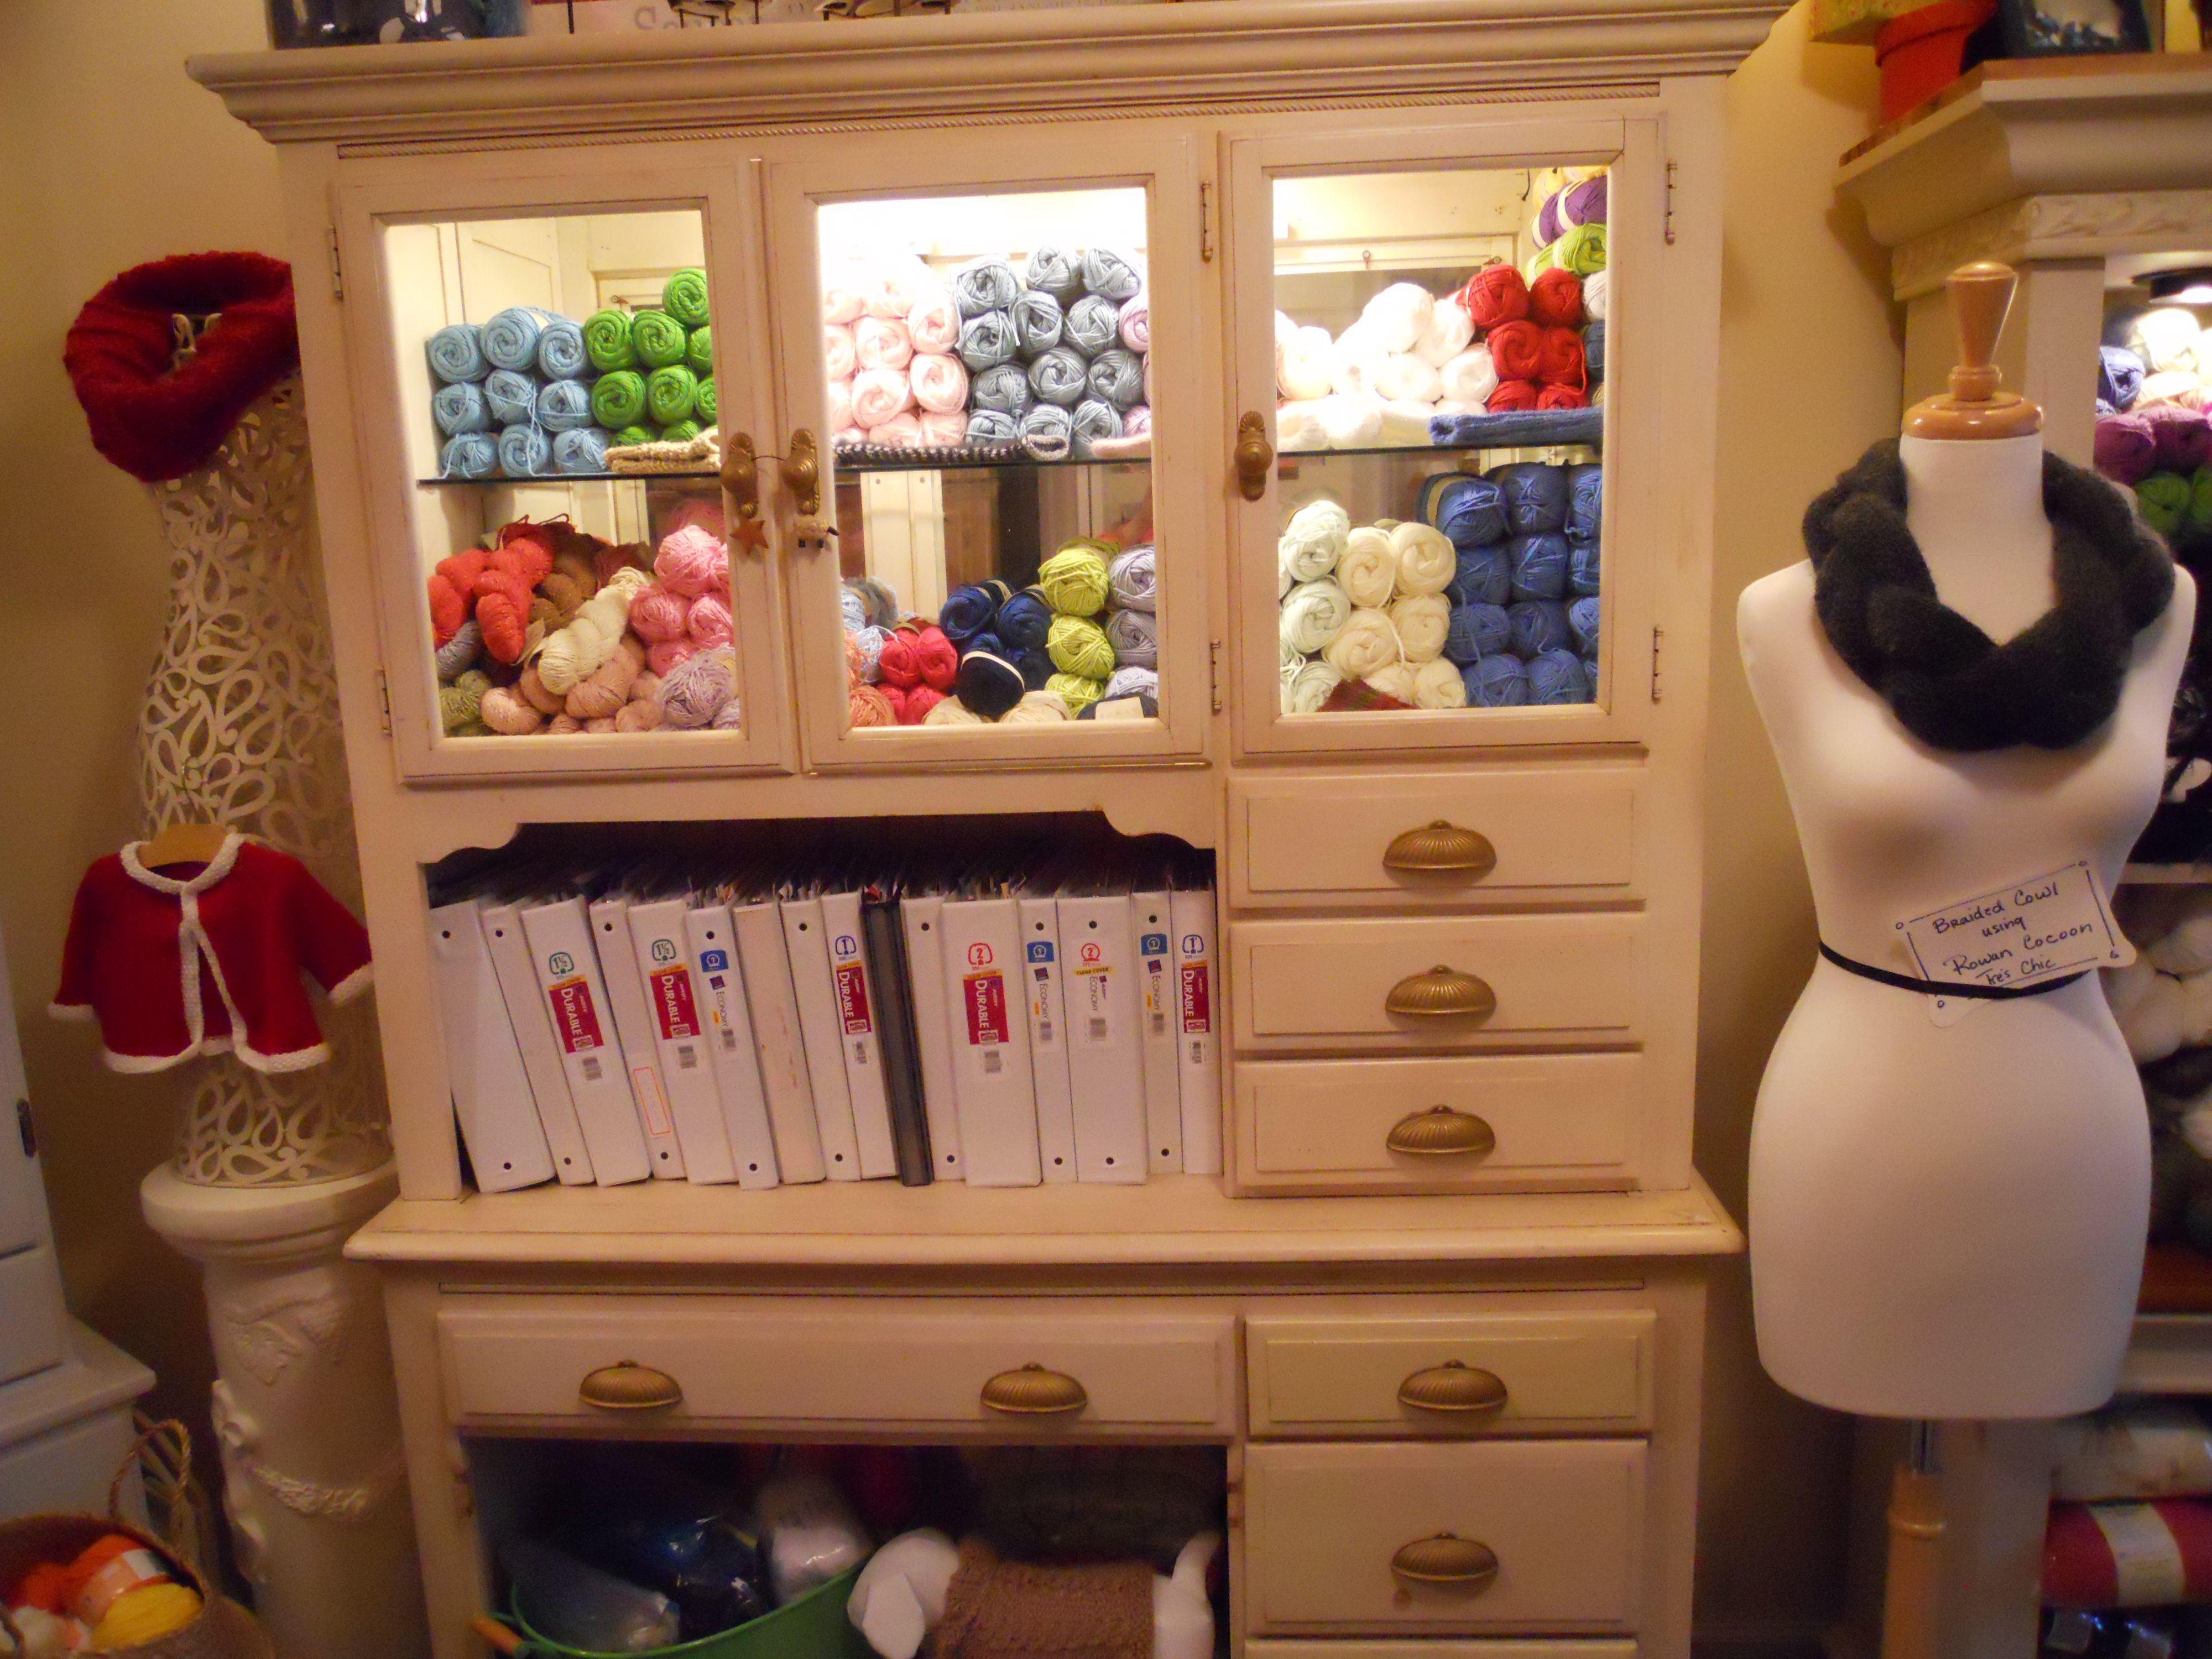 Knitting Supplies Storage Ideas : Knitting room storage craft ideas pinterest